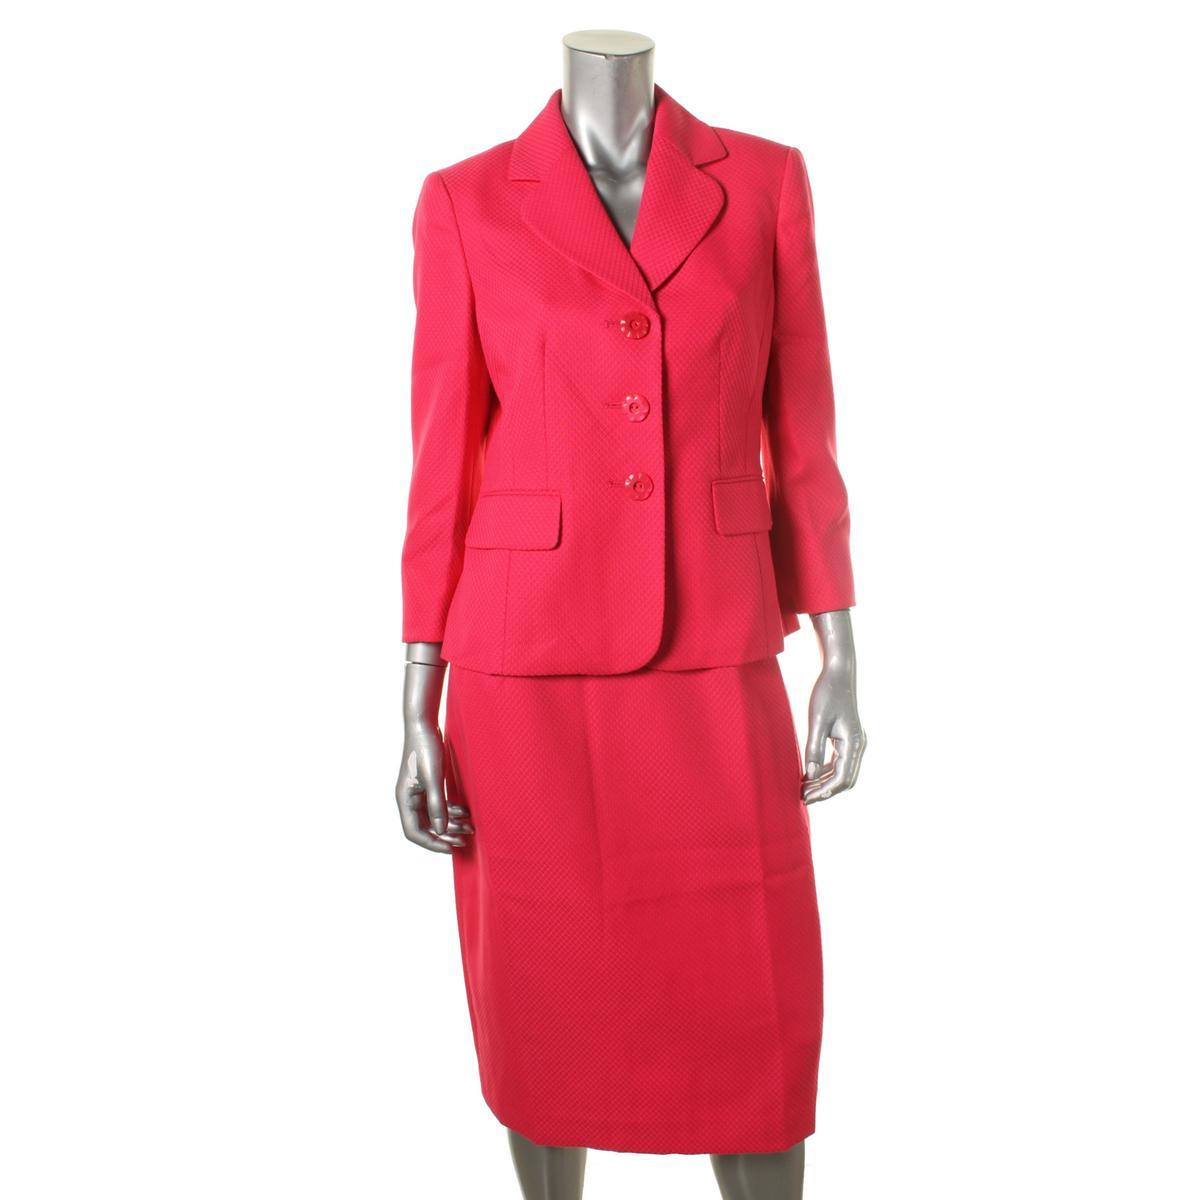 le suit 8442 womens pink 2pc 3 button blazer pencil skirt